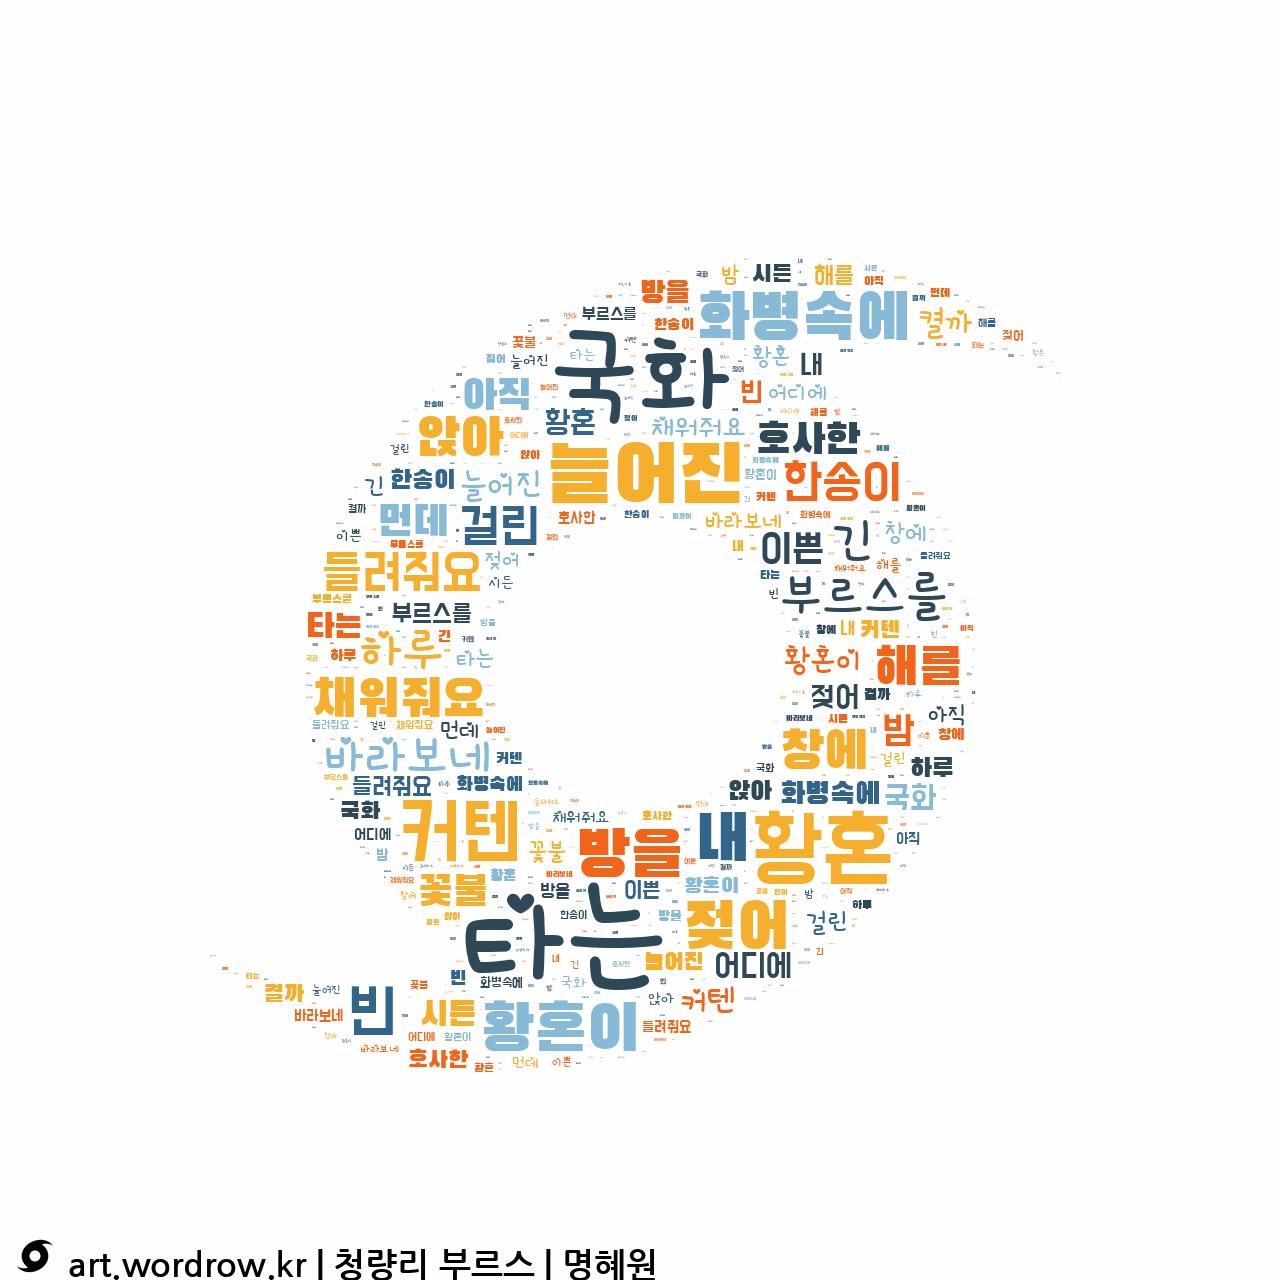 워드 아트: 청량리 부르스 [명혜원]-35